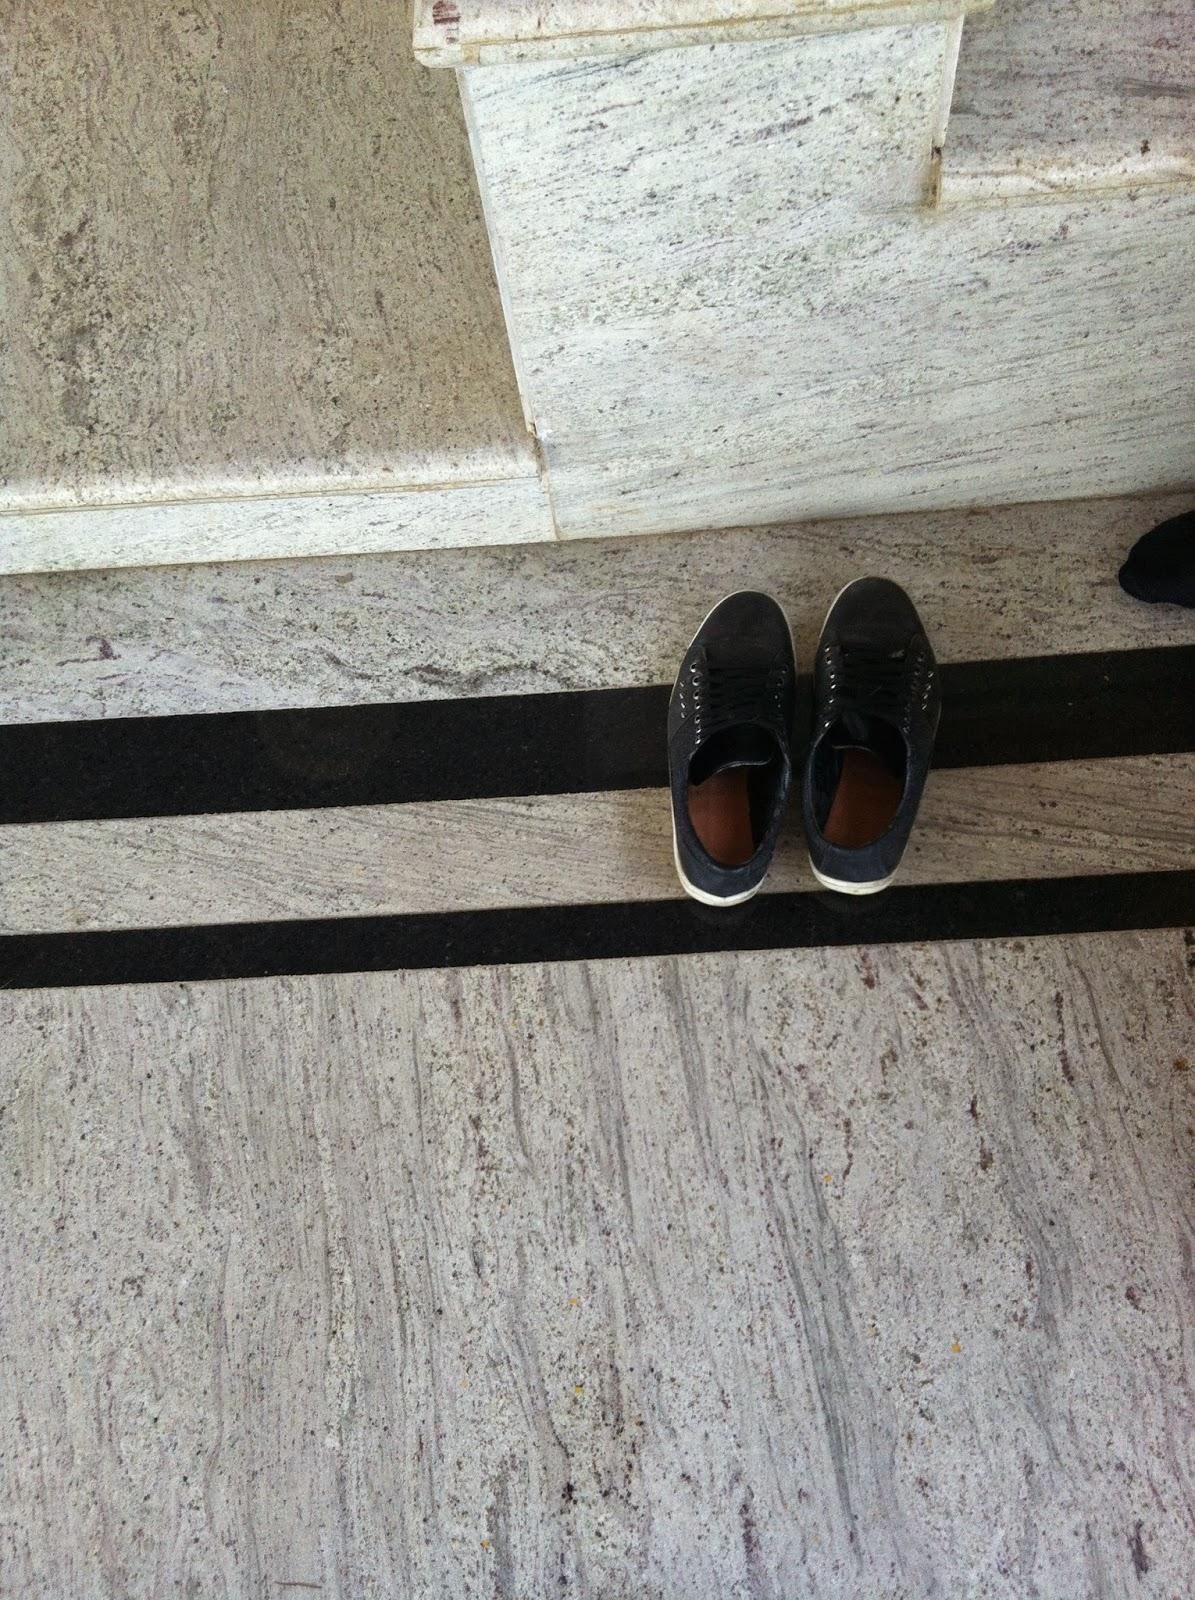 sapatos sempre fora de casa